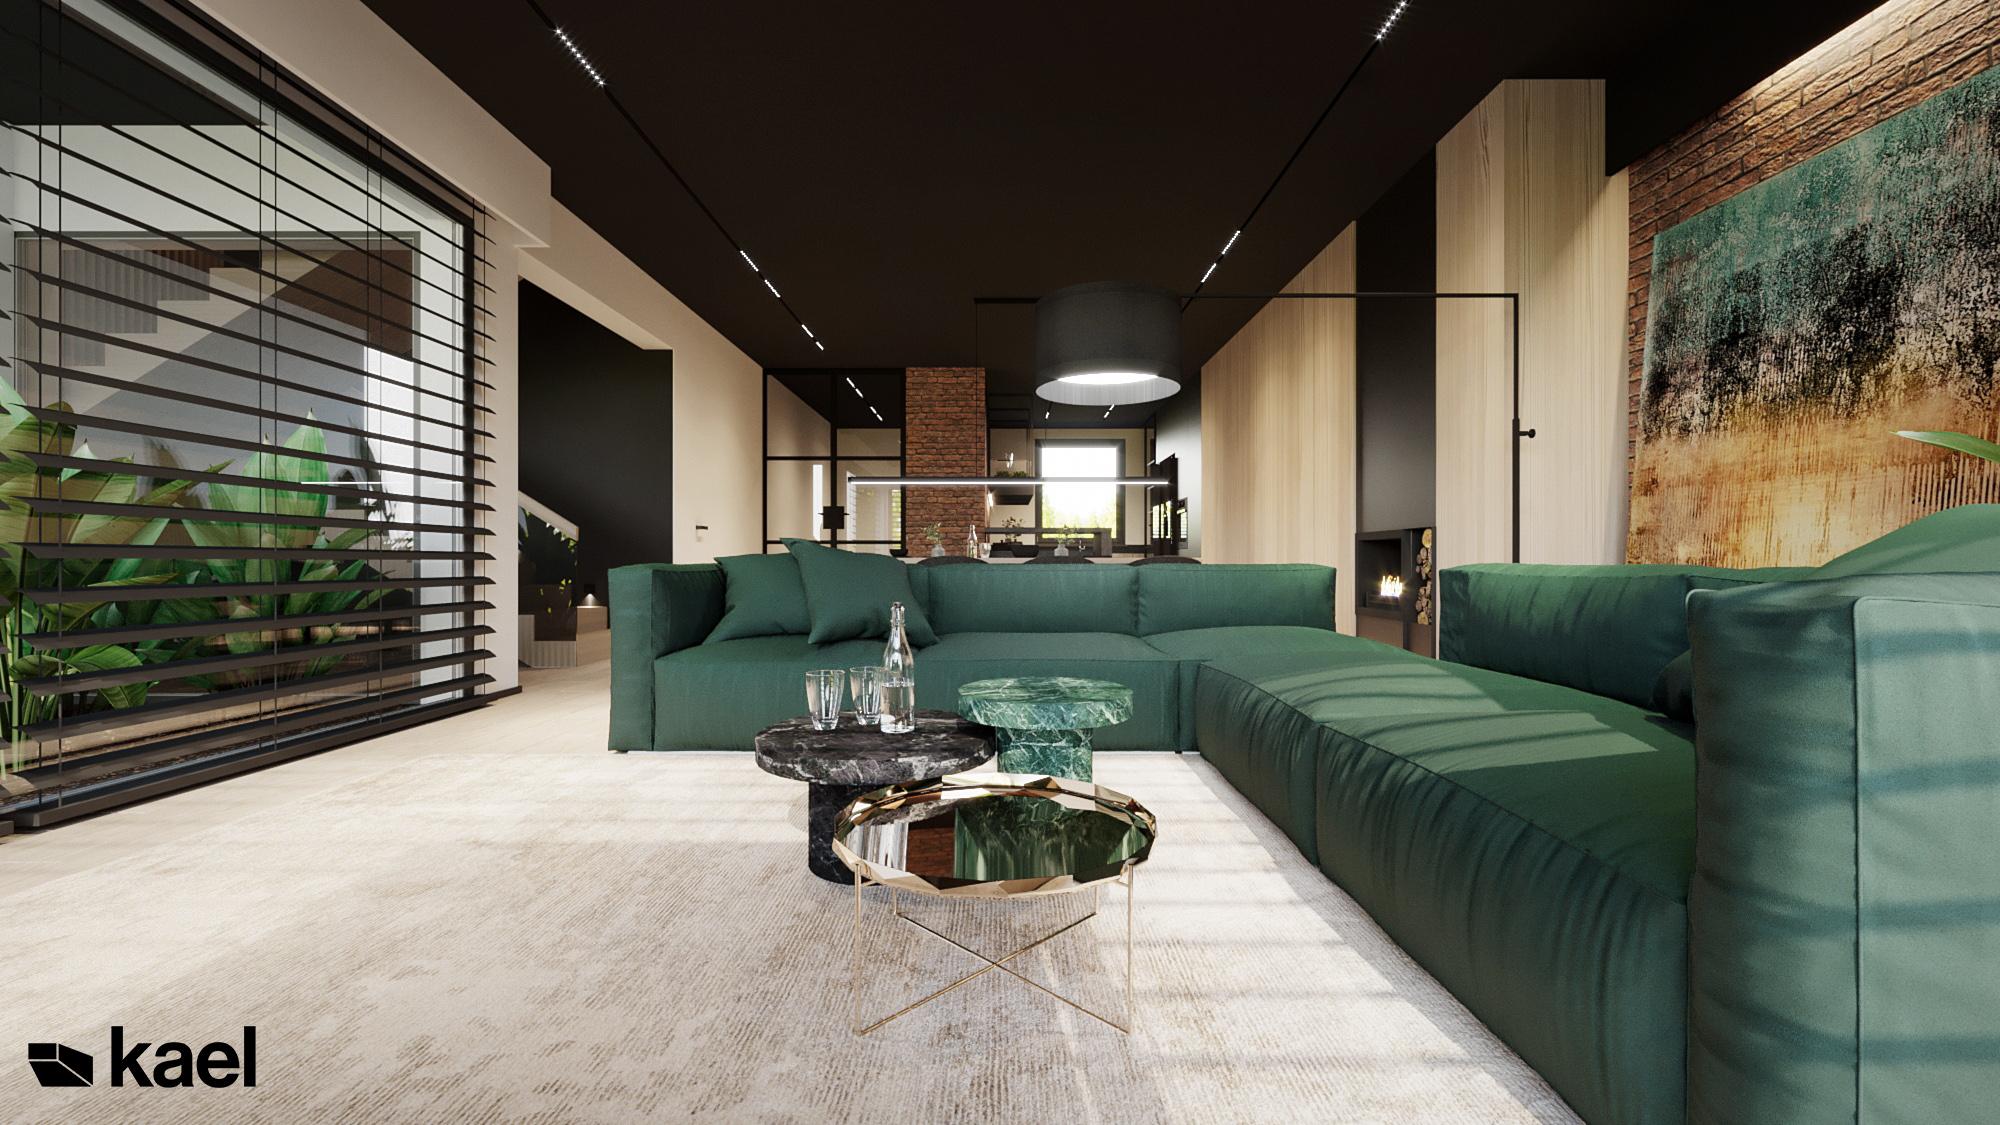 Salon - Czumy II - projekt wnętrza domu w zabudowie szeregowej - Kael